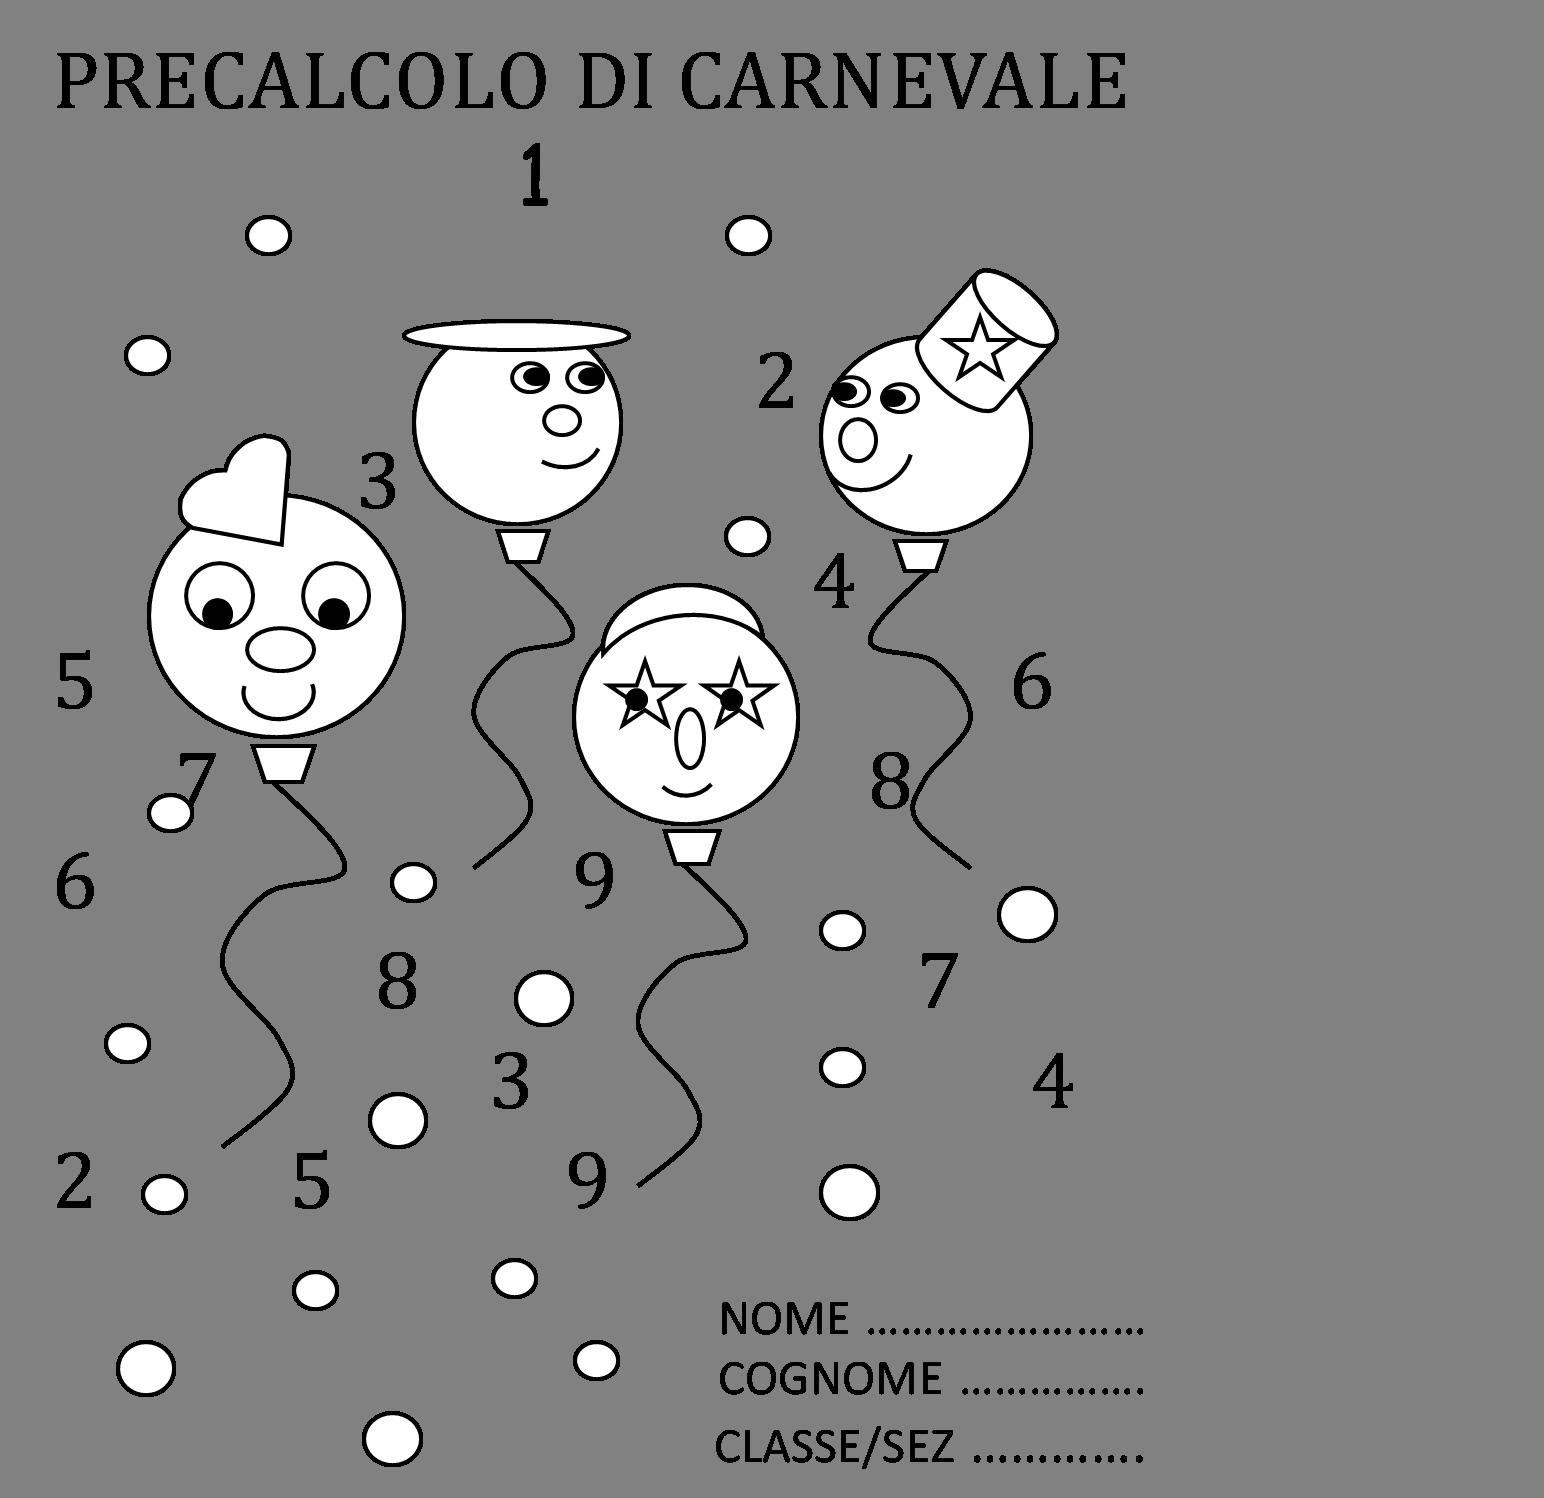 Famoso Precalcolo di Carnevale | Maestramaria ZG81